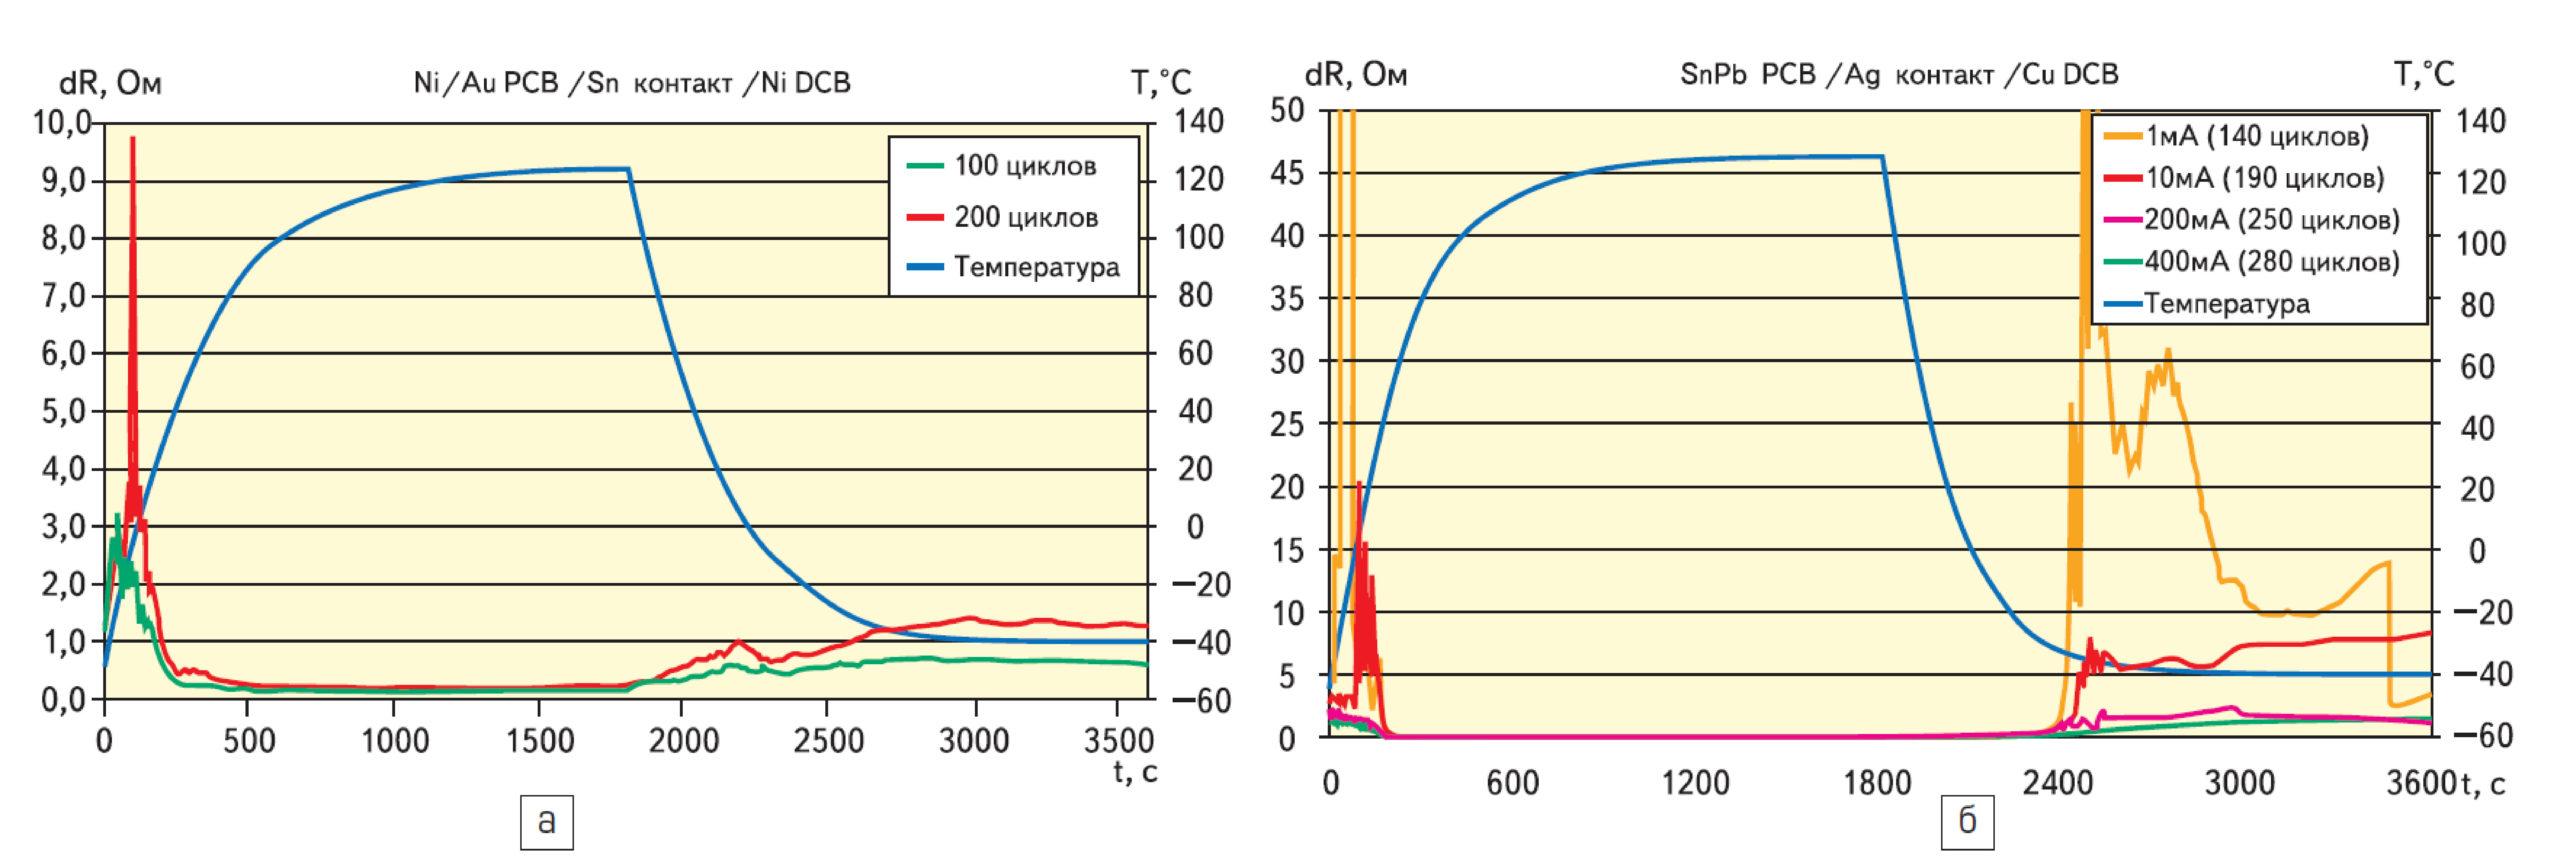 Тест на воздействие тепловых ударов (DCB с никелевым покрытием)